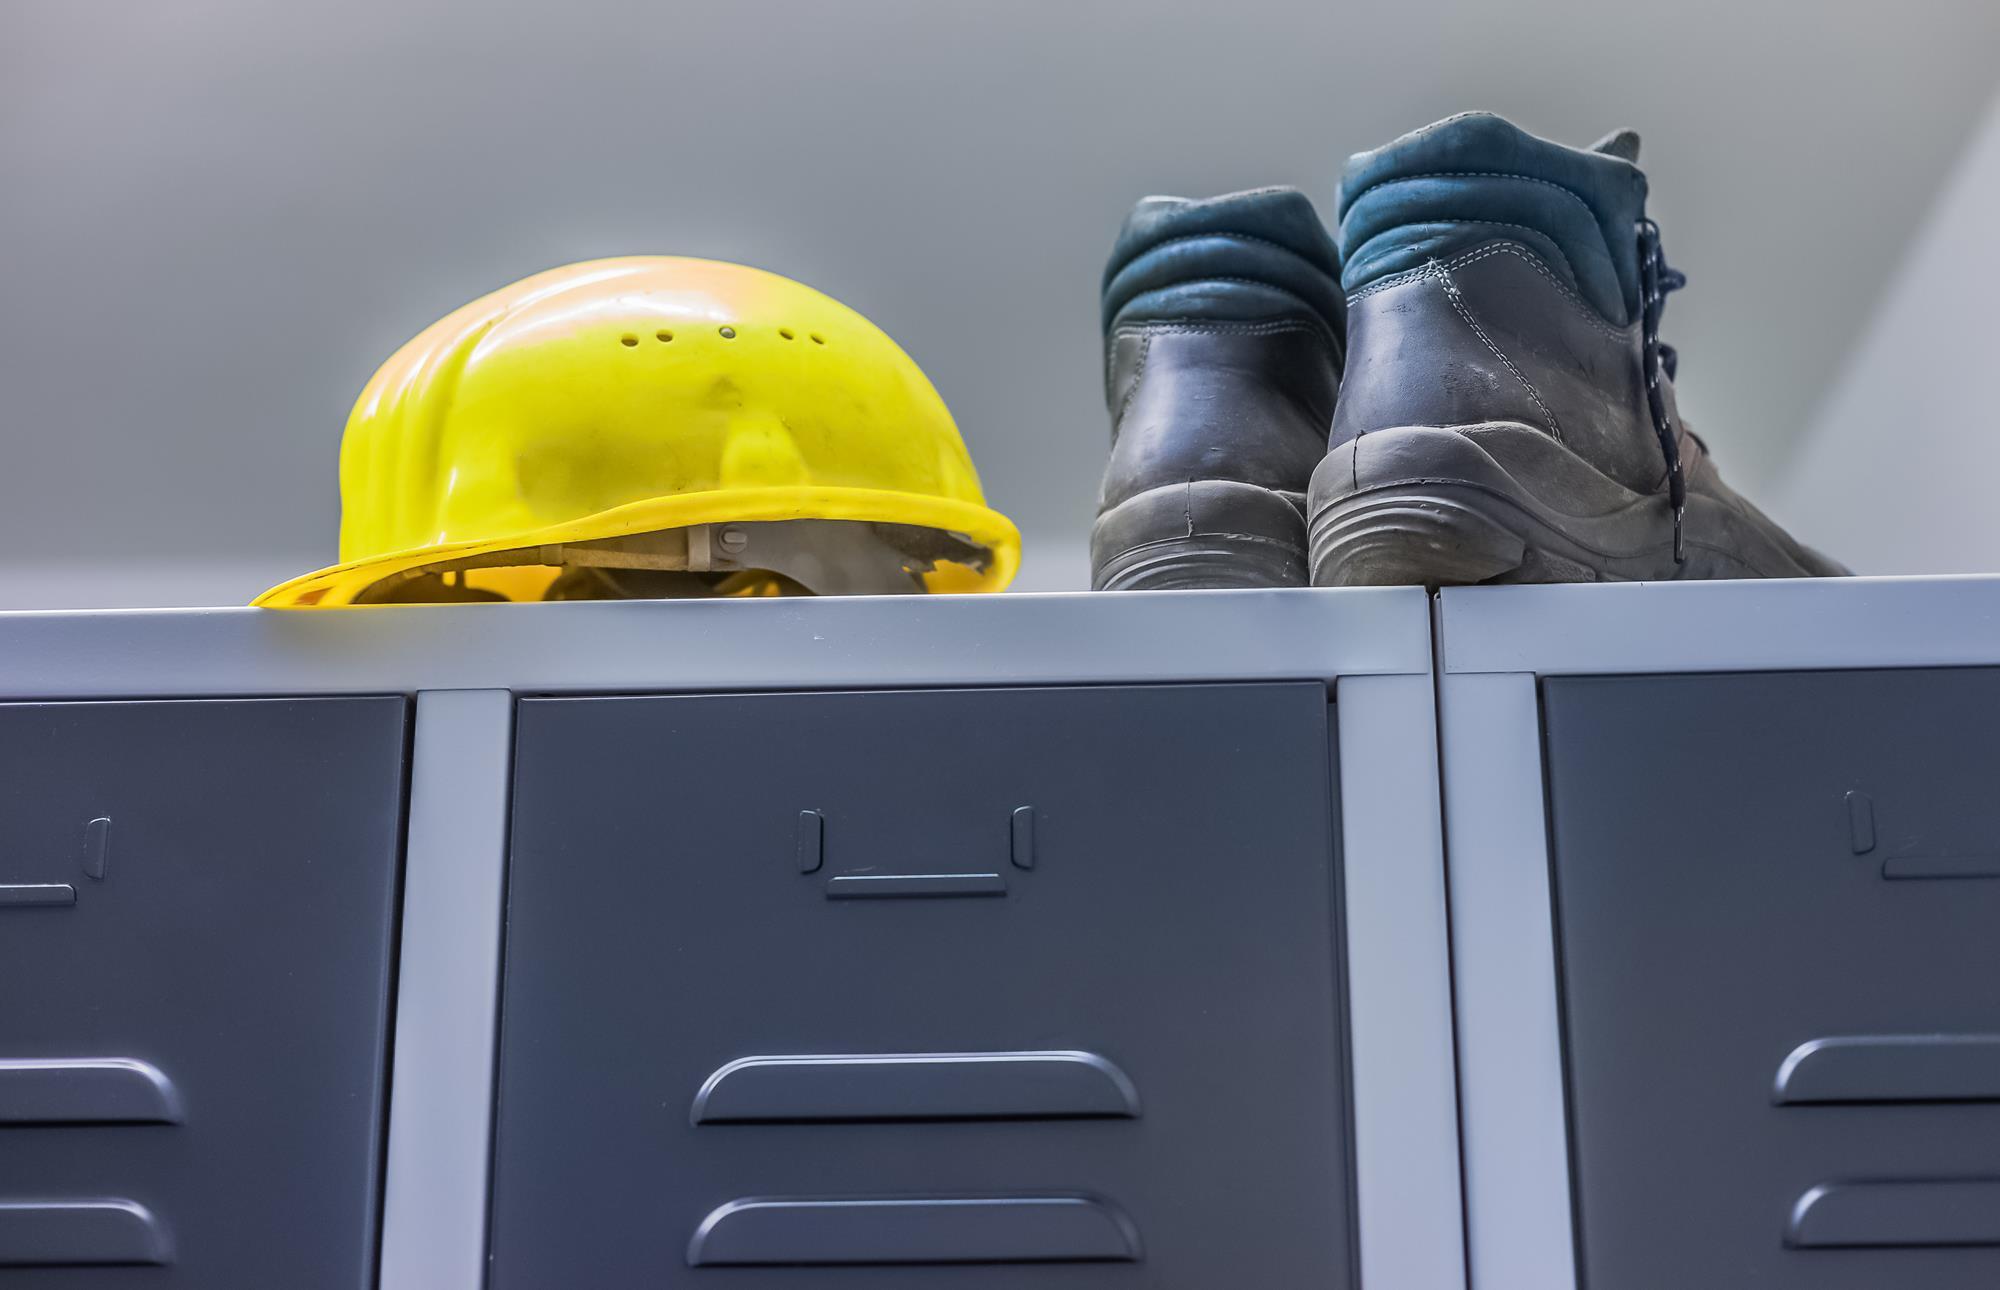 Buty robocze i kask leżą na metalowych szafkach w pomieszczeniu socjalnym dla pracowników.